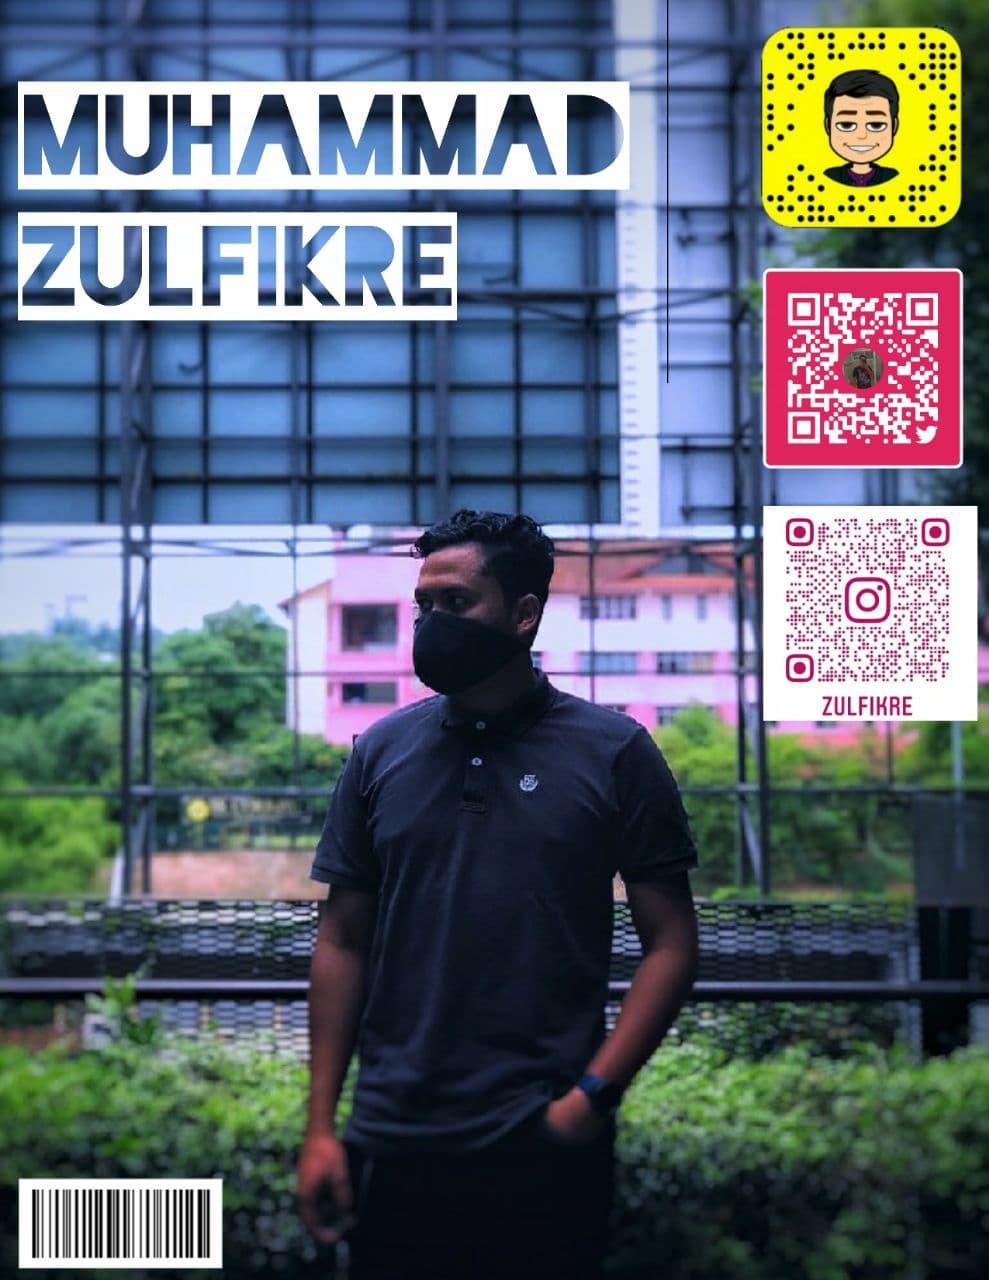 profile image ZUL FIKRE